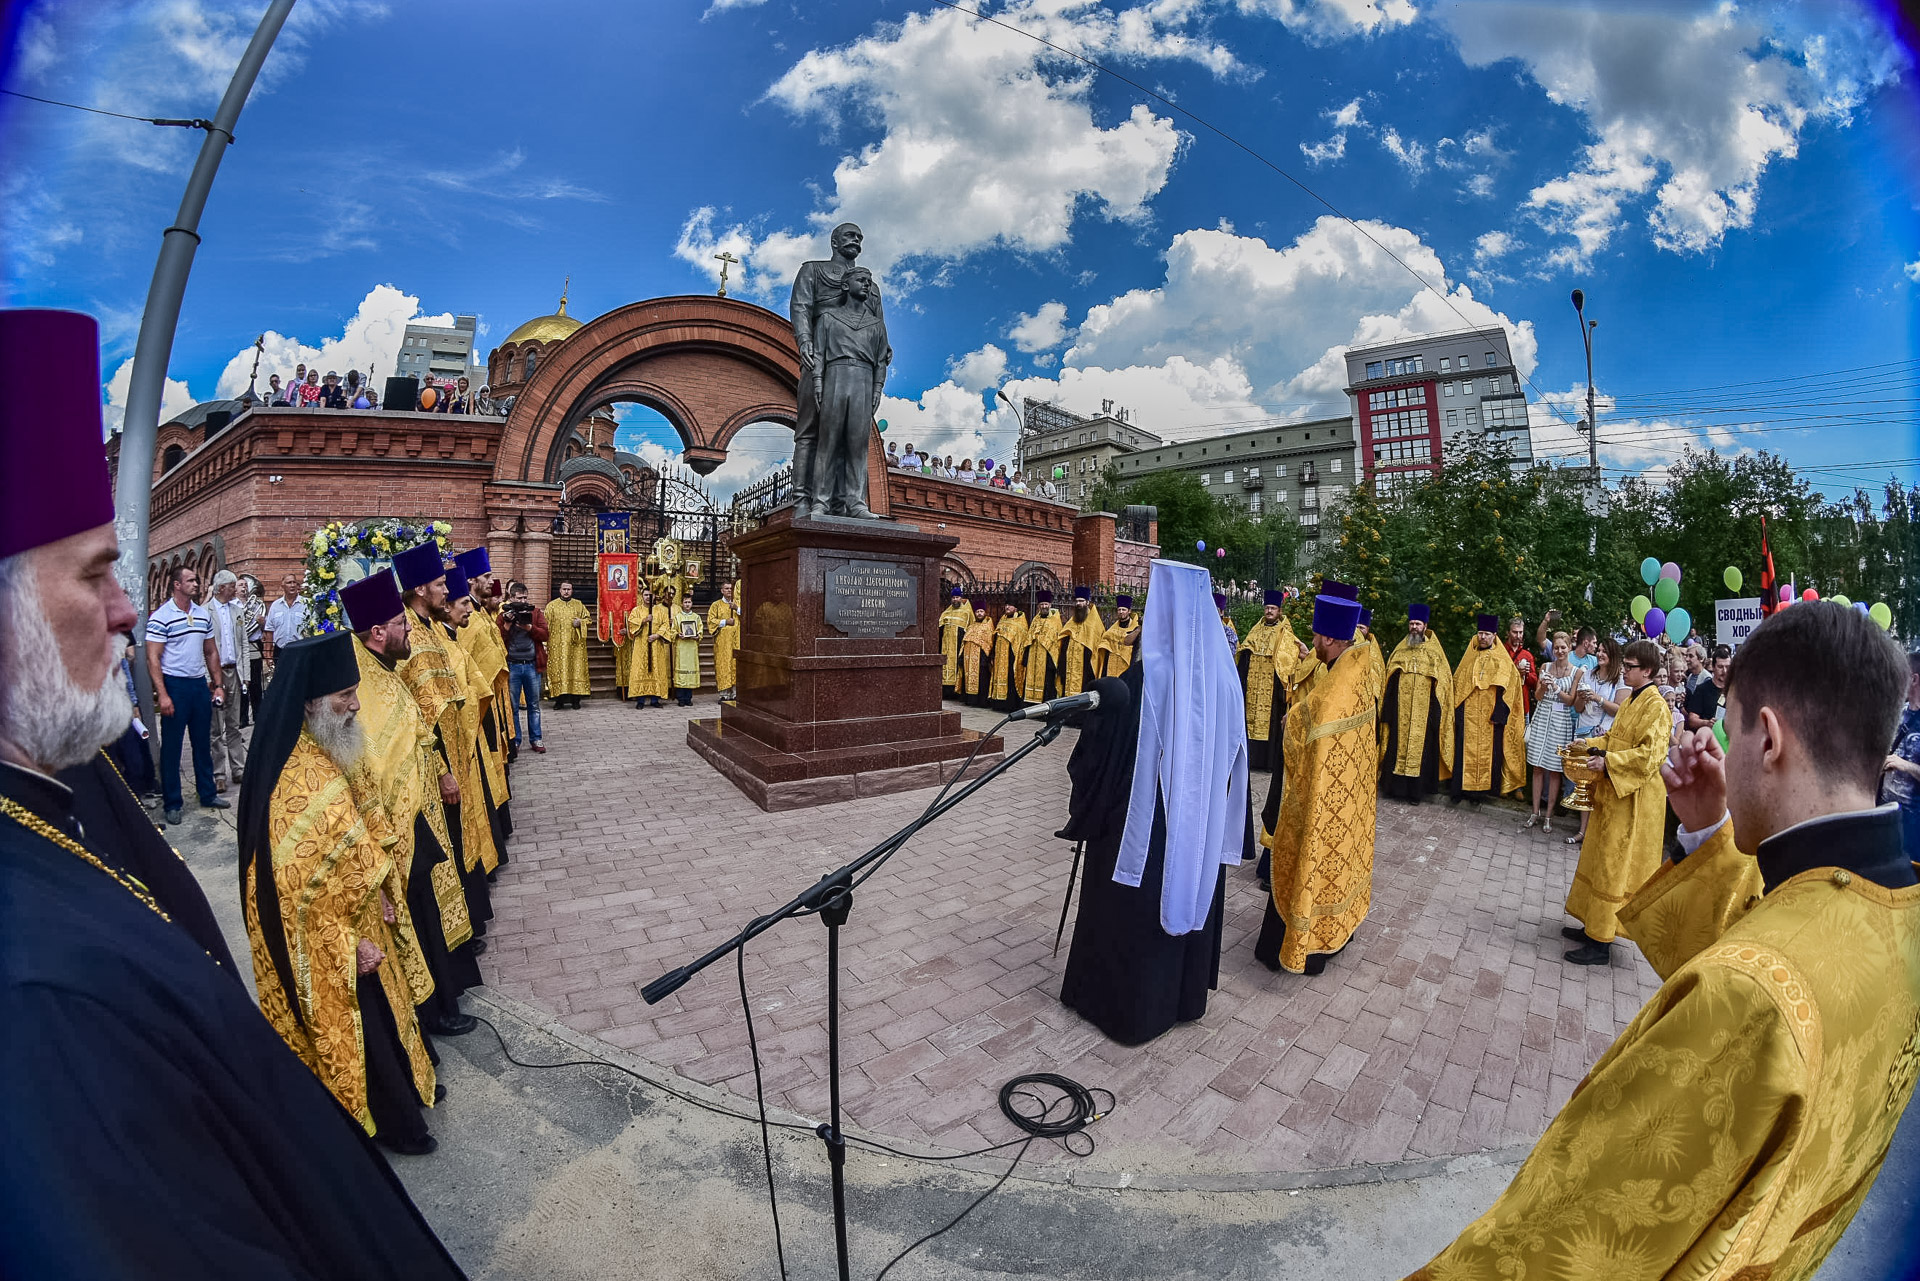 В Новосибирске освящен памятник святым страстотерпцам Царю Николаю II и цесаревичу Алексию (16.07.17)